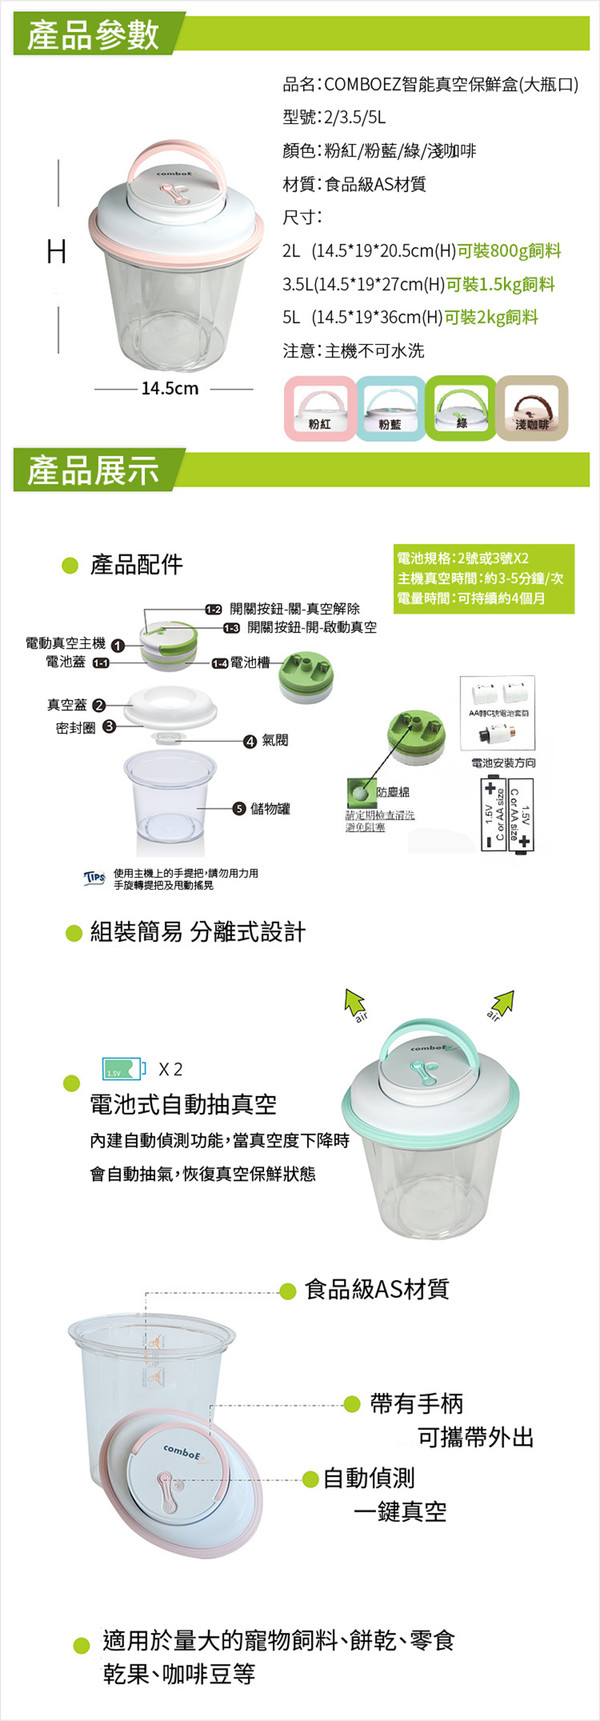 1300015200 ComboE2智能電動真空食物保鮮罐手柄款5公升-藍1300015300 ComboE2智能電動真空食物保鮮罐手柄款5公升-咖啡